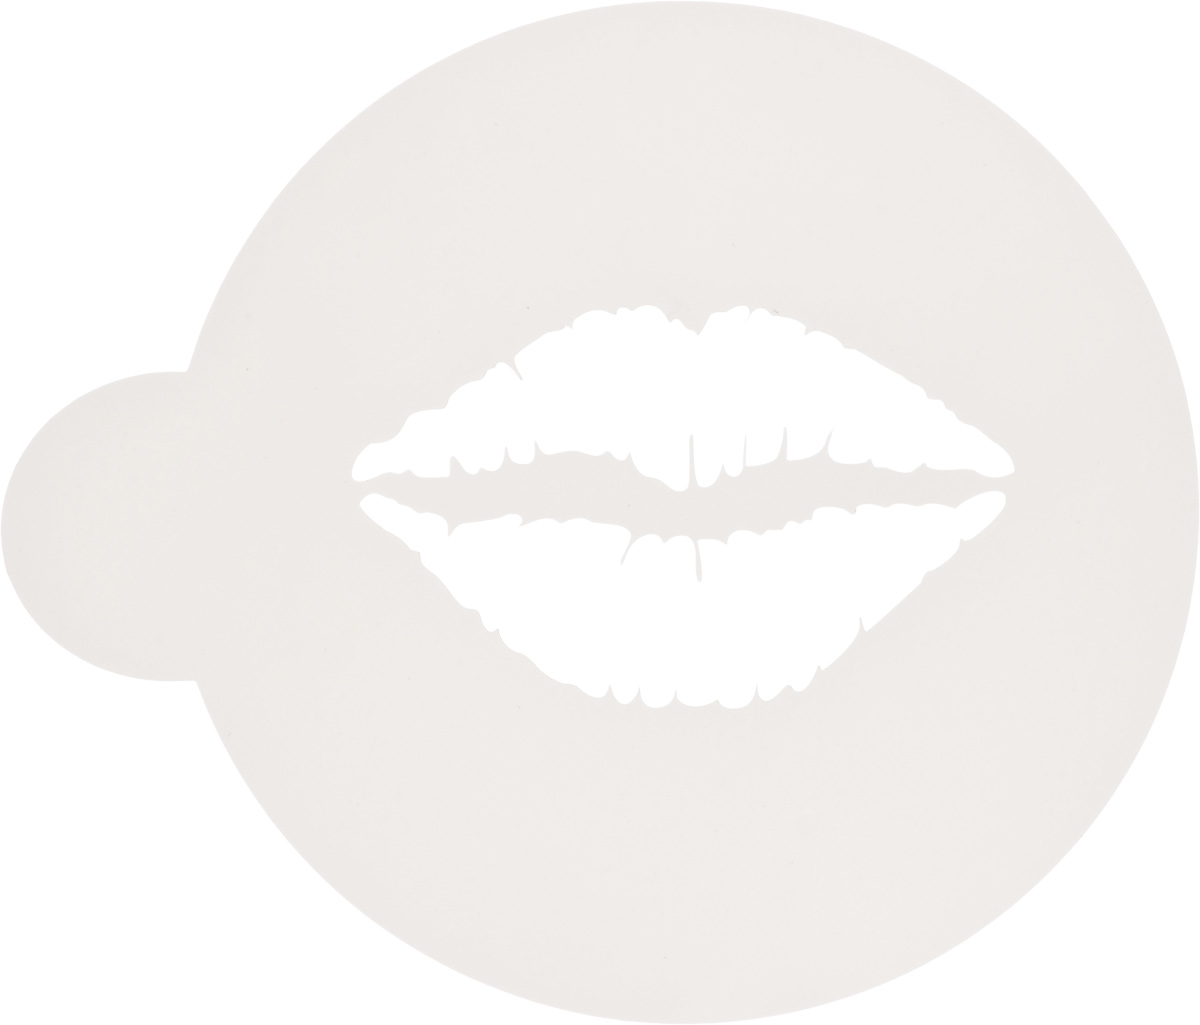 Трафарет на кофе и десерты Леденцовая фабрика Поцелуй, диаметр 10 см94672Трафарет представляет собой пластину с прорезями, через которые пищевая краска (сахарная пудра, какао, шоколад, сливки, корица, дробленый орех) наносится на поверхность кофе, молочных коктейлей, десертов. Трафарет изготовлен из матового пищевого пластика 250 мкм и пригоден для контакта с пищевыми продуктами. Трафарет многоразовый. Побалуйте себя и ваших близких красиво оформленным десертом.